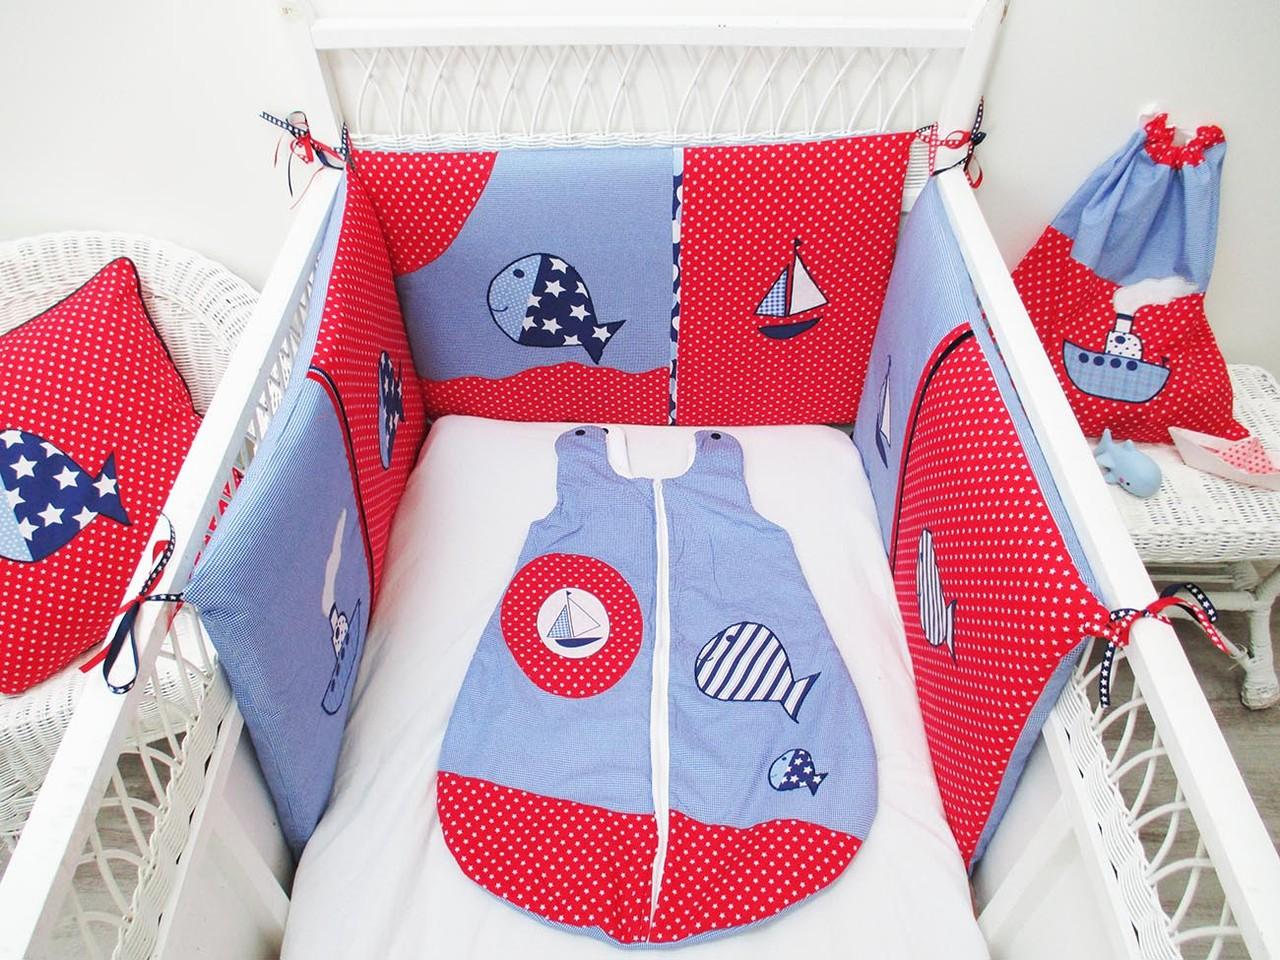 les tours de lit cadeaux de naissance cr ateur faits mains en france. Black Bedroom Furniture Sets. Home Design Ideas